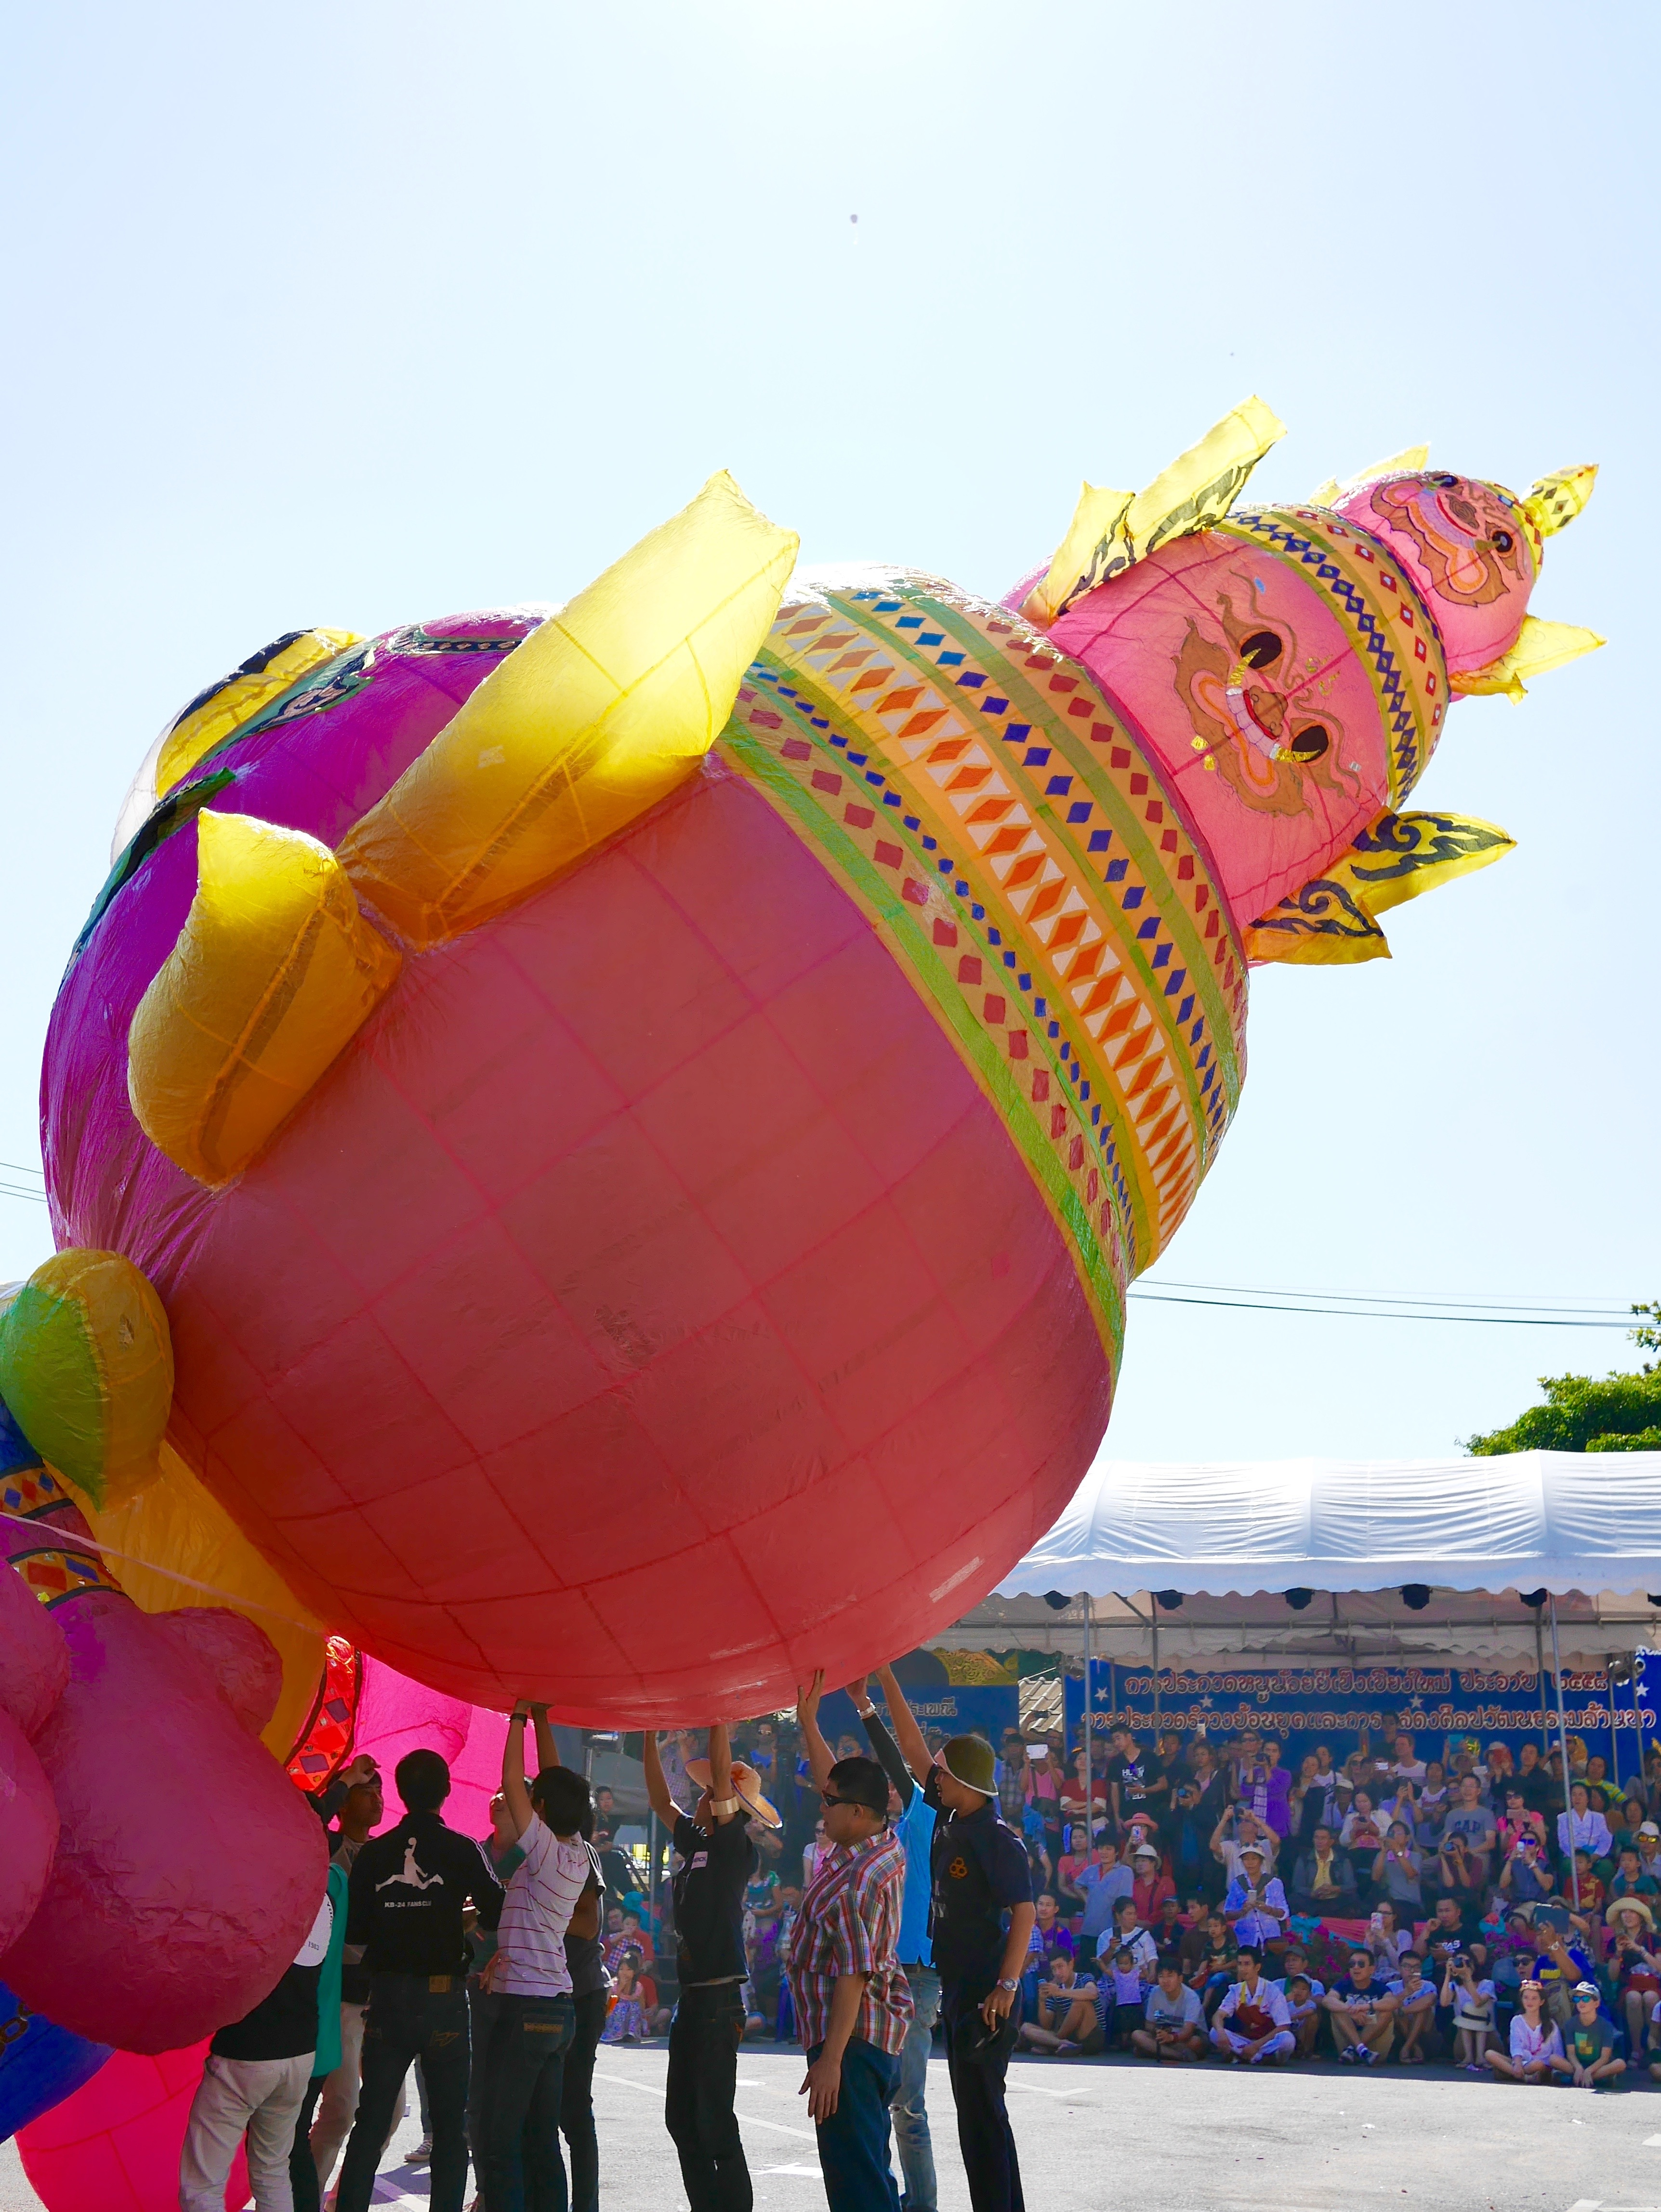 Loy Krathong Fancy hot air balloon launch thesweetwanderlust.com